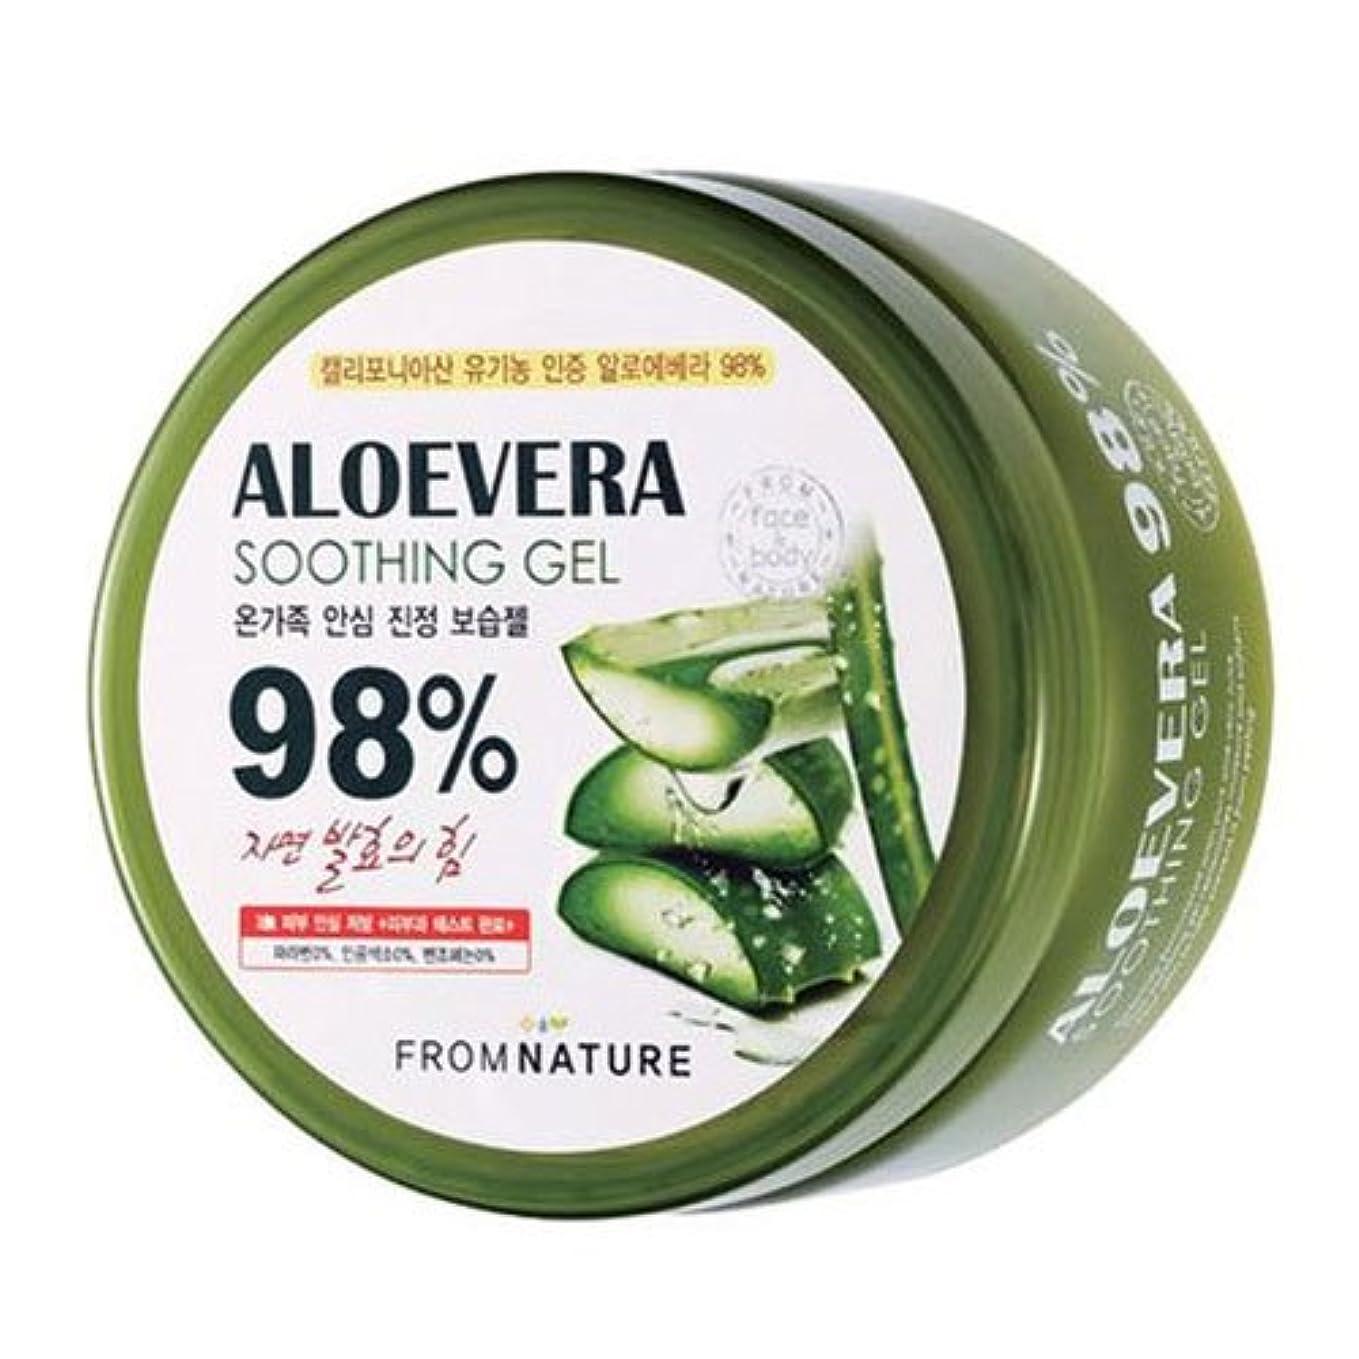 途方もない路地実り多い[FROMNATURE][フロムネイチャー] アロエベラ98%スーディングジェル (From Nature Aloevera Soothing Gel) (1)